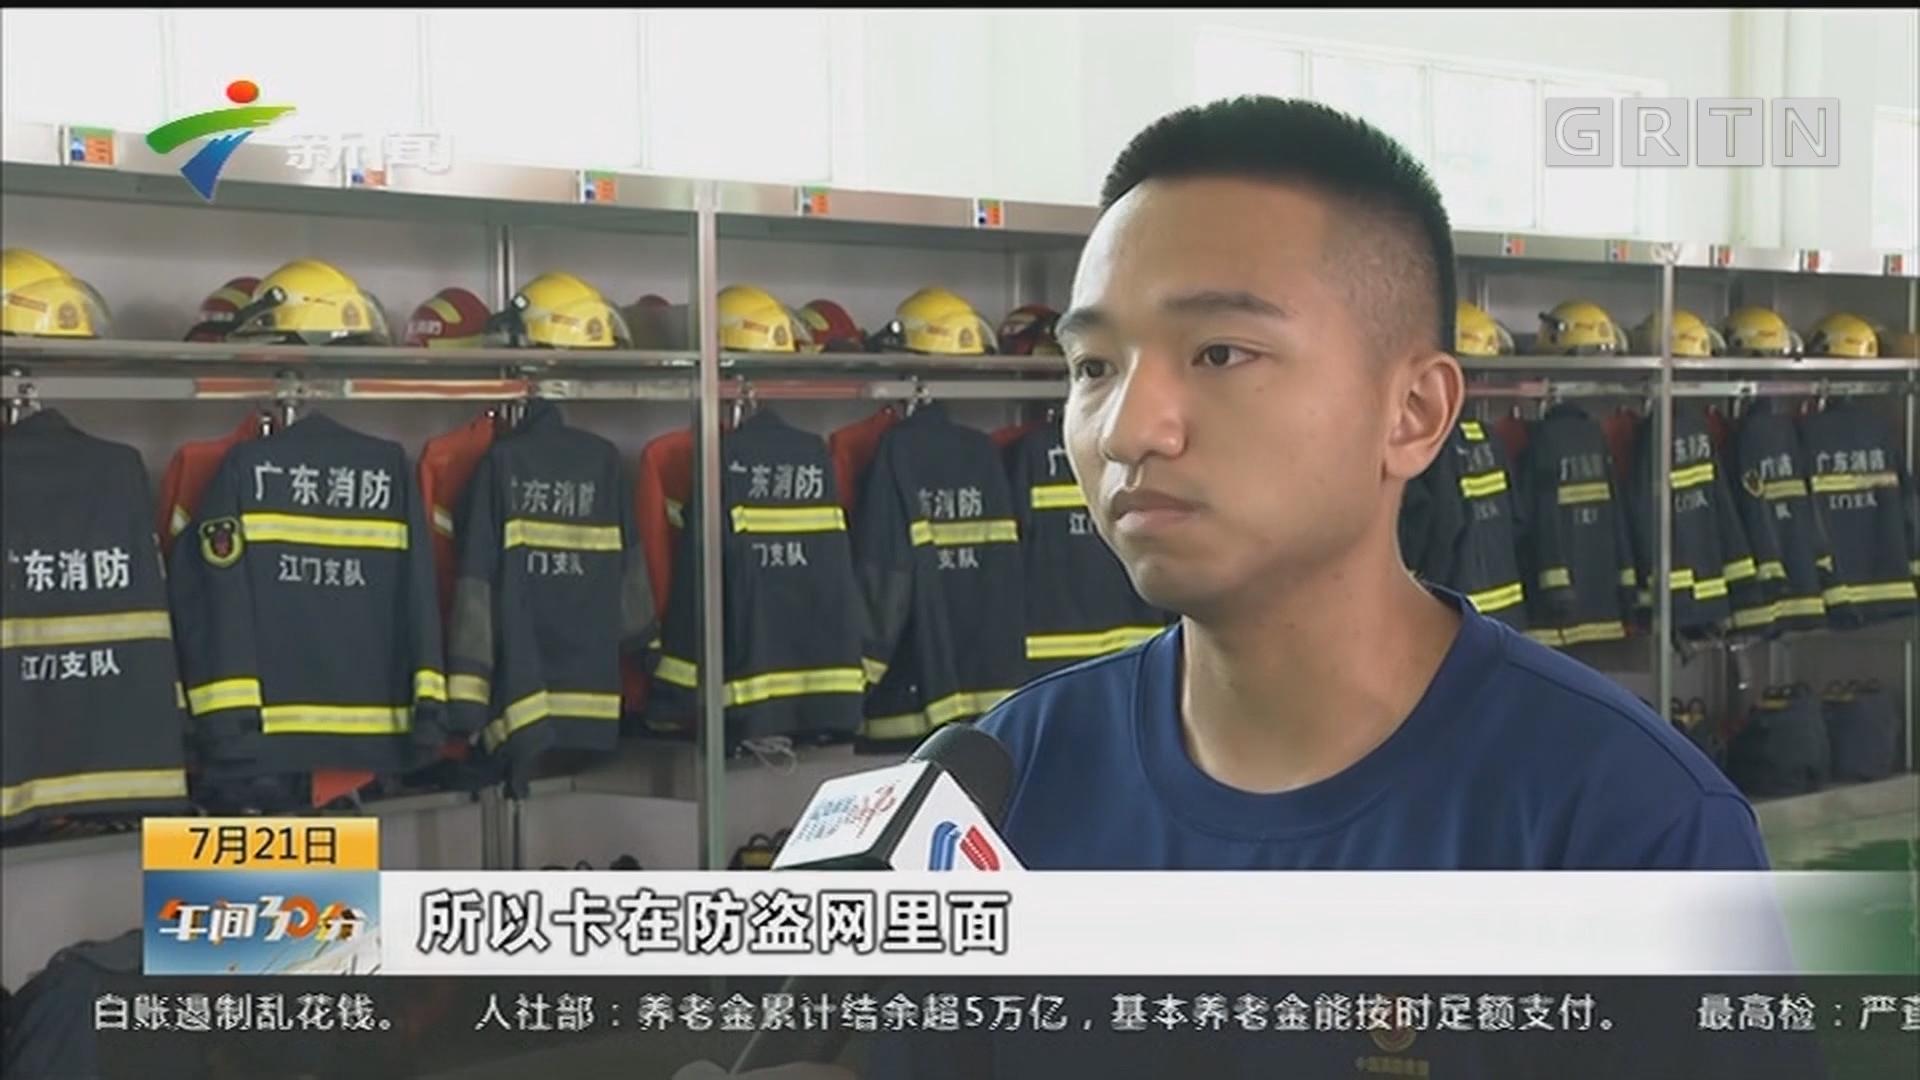 江门:女童头卡六楼防盗网 消防部门紧急救援